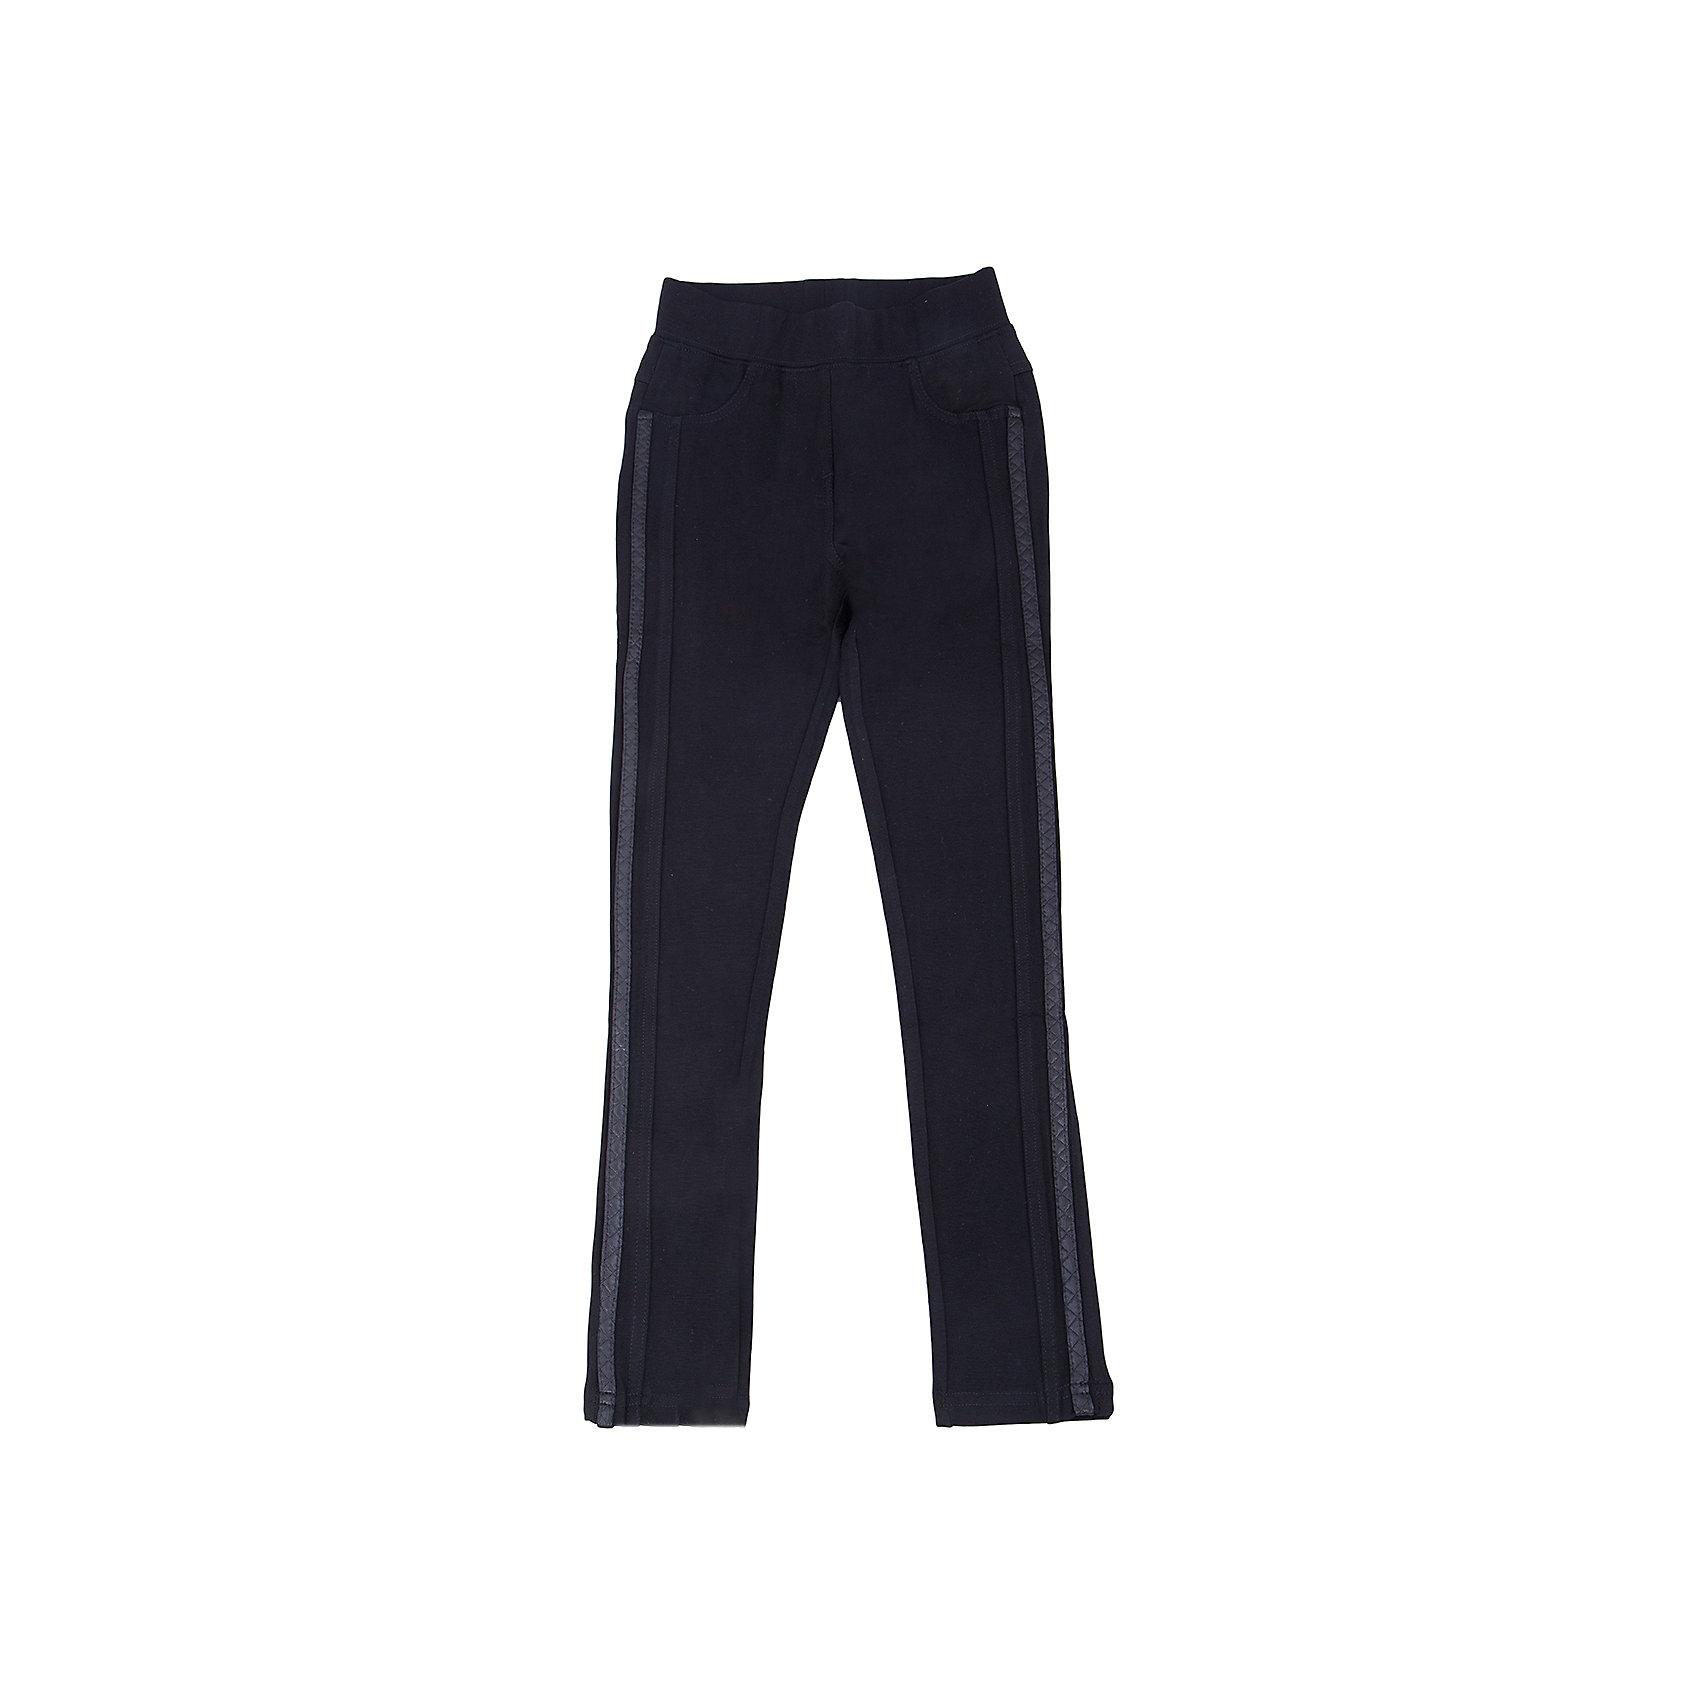 Брюки для девочки LuminosoЛеггинсы<br>Характеристики товара:<br><br>- цвет: черный;<br>- материал: 65% хлопок, 30% полиэстр, 5% эластан;<br>- трикотаж;<br>- отделка по бокам из декоративной тесьмы;<br>- мягкая резинка в поясе.<br><br>Стильная одежда от бренда Luminoso (Люминосо), созданная при участии итальянских дизайнеров, учитывает потребности подростков и последние веяния моды. Она удобная и модная.<br>Эти стильные брюки подходят для ежедневного ношения. Они хорошо сидят на ребенке, обеспечивают комфорт и отлично сочетаются с одежной разных стилей. Модель отличается высоким качеством материала и продуманным дизайном. Натуральный хлопок в составе изделия делает его дышащим, приятным на ощупь и гипоаллергеным.<br><br>Брюки для девочки от бренда Luminoso (Люминосо) можно купить в нашем интернет-магазине.<br><br>Ширина мм: 215<br>Глубина мм: 88<br>Высота мм: 191<br>Вес г: 336<br>Цвет: черный<br>Возраст от месяцев: 108<br>Возраст до месяцев: 120<br>Пол: Женский<br>Возраст: Детский<br>Размер: 140,164,134,146,152,158<br>SKU: 4929654